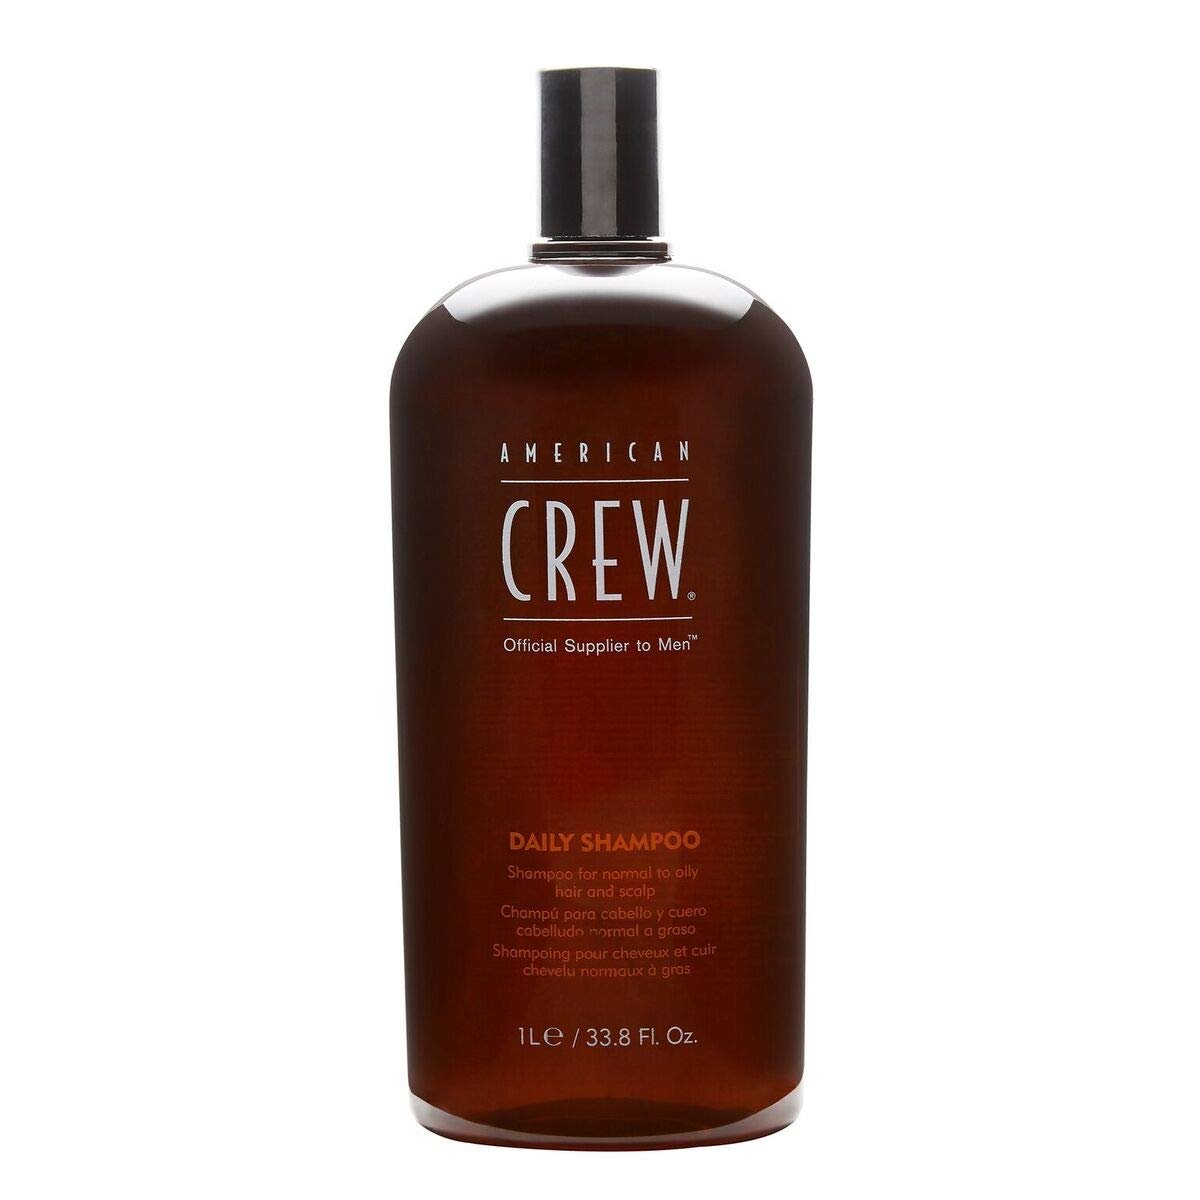 AMERICAN CREW Daily Shampoo, 33.8 Fl. Oz.